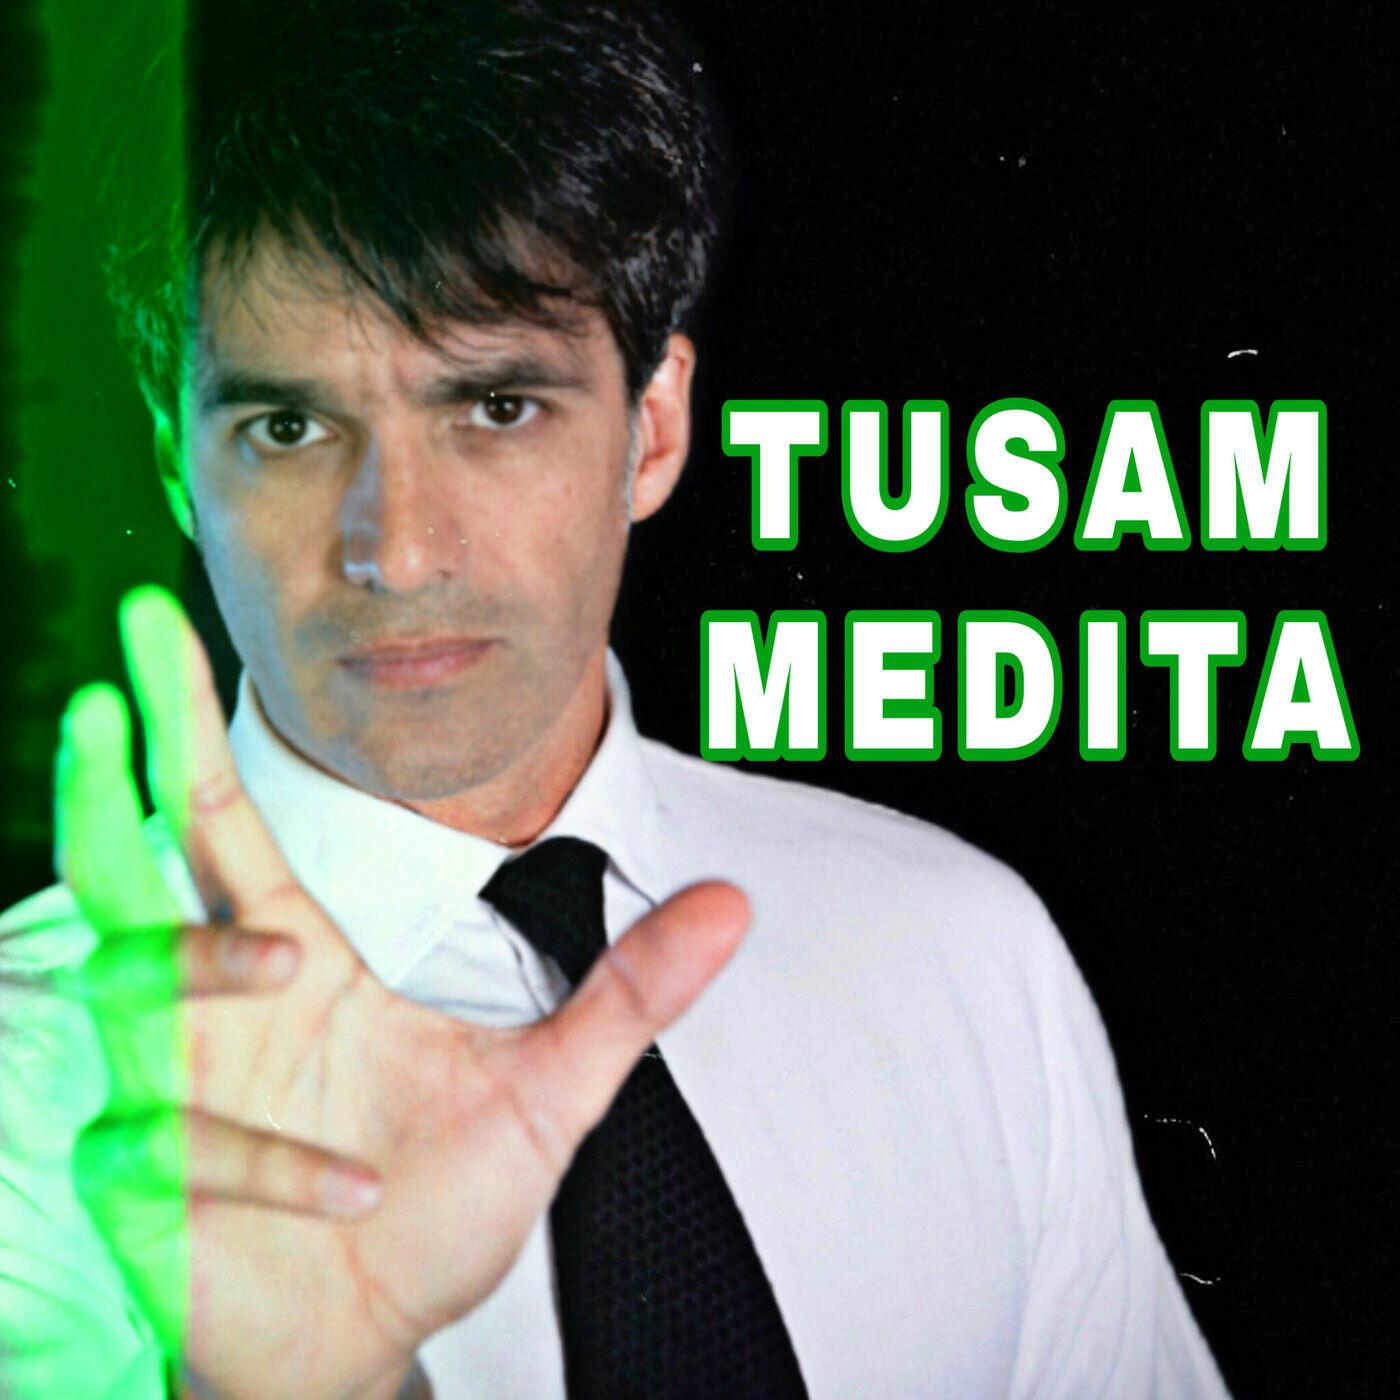 TUSAM MEDITA